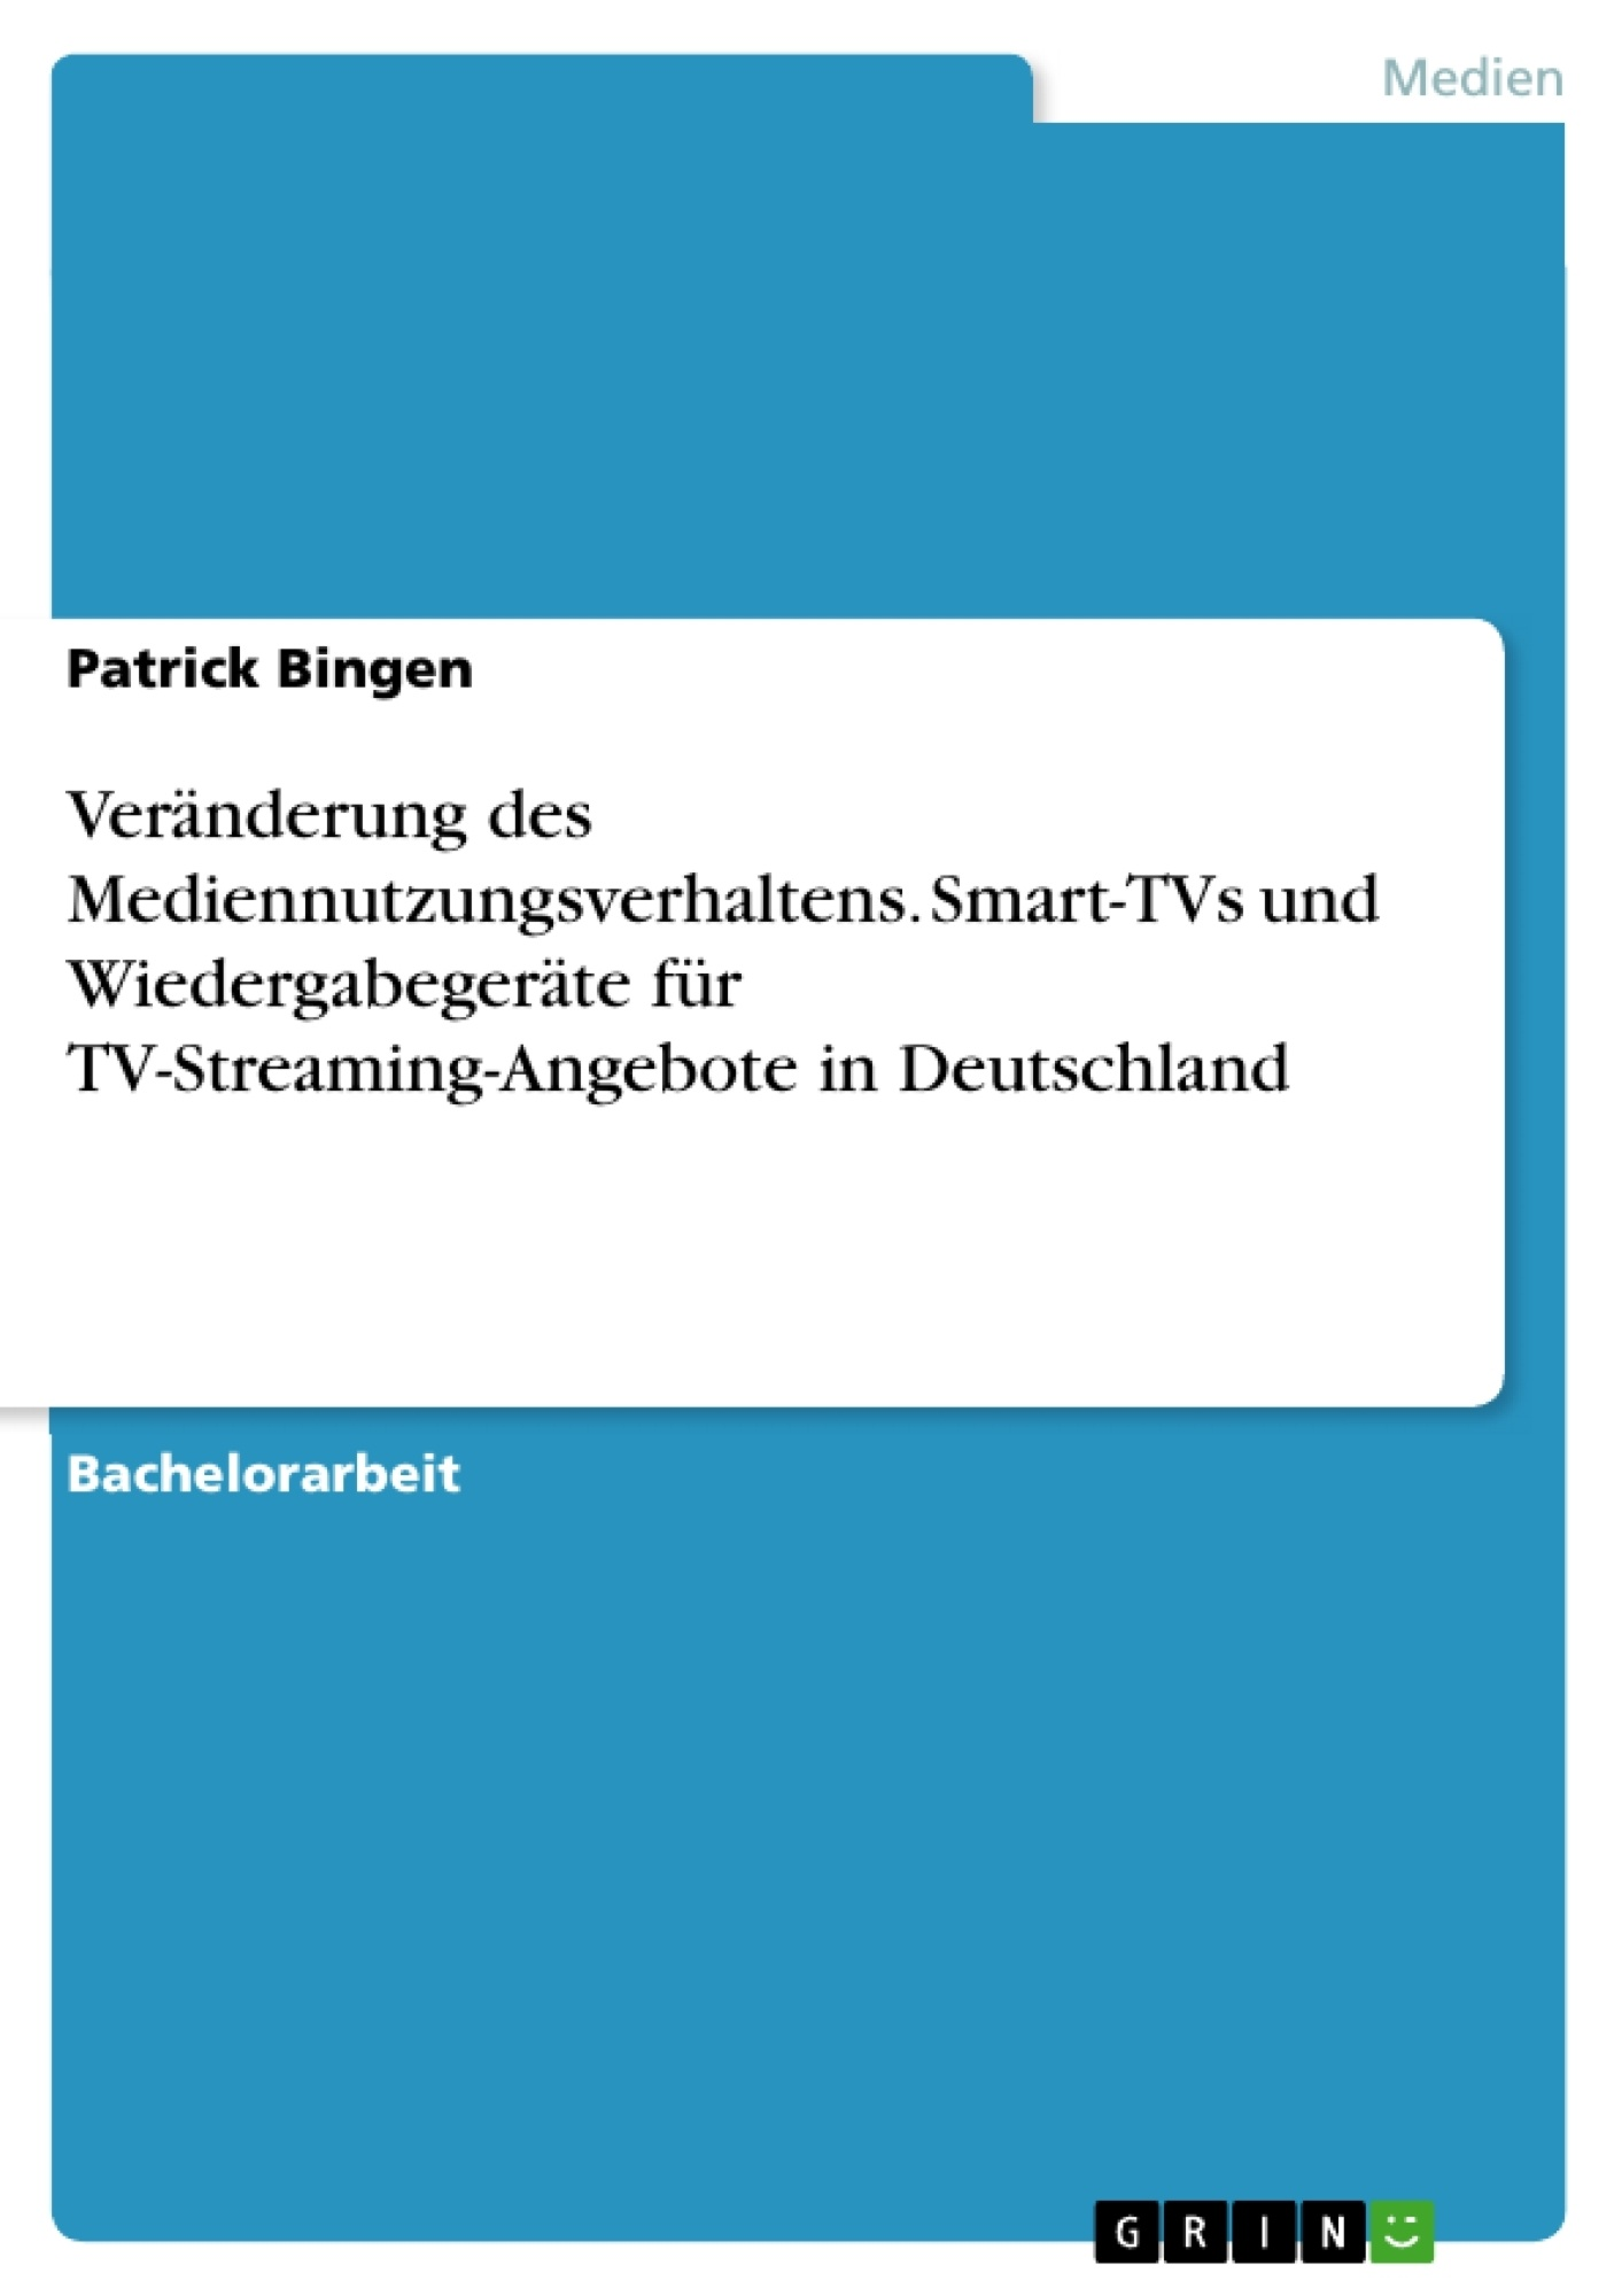 Titel: Veränderung des Mediennutzungsverhaltens. Smart-TVs und Wiedergabegeräte für TV-Streaming-Angebote in Deutschland